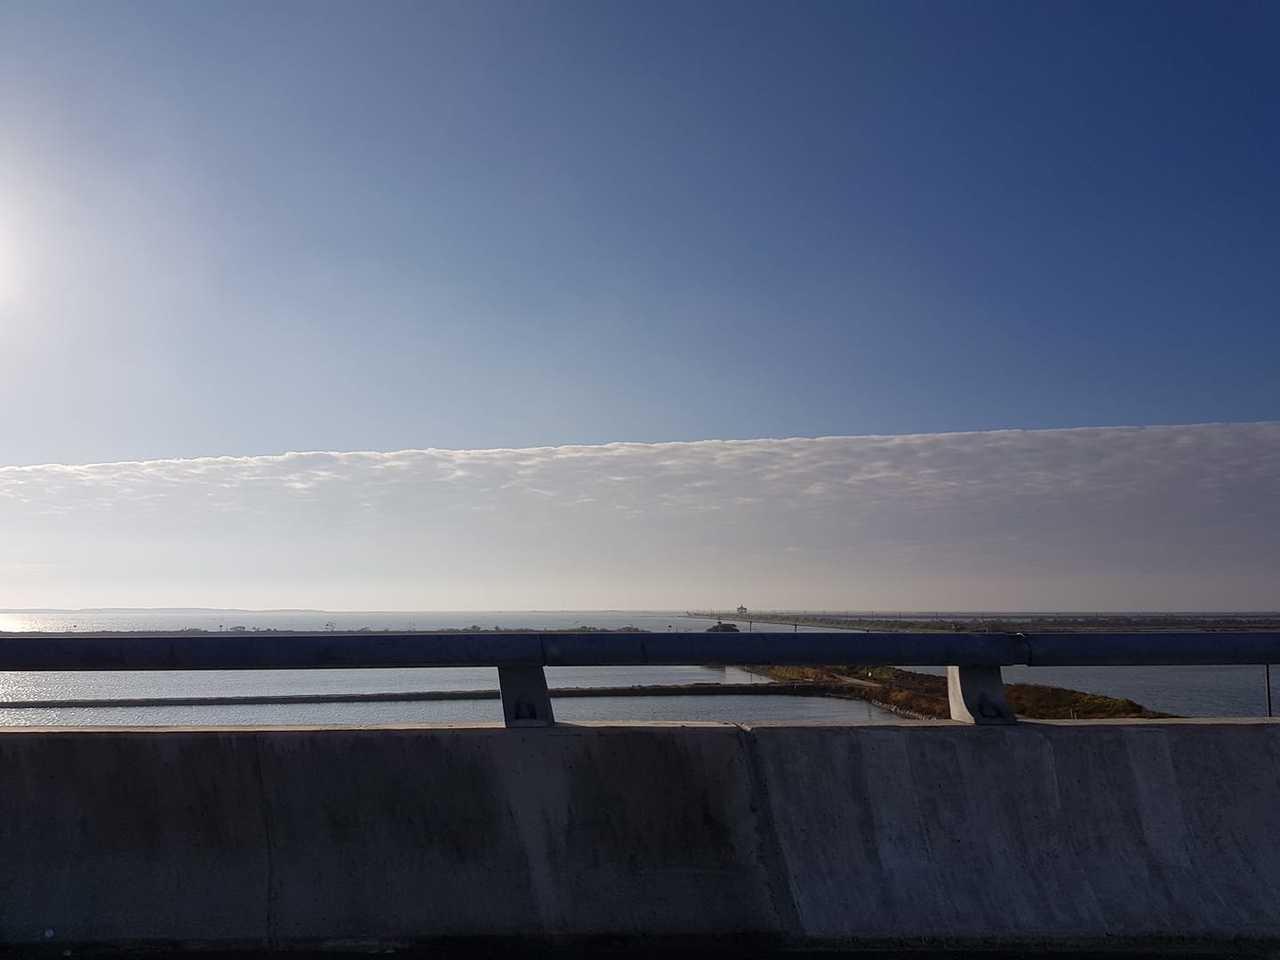 網友昨天在臉書上分享西側出現像是一堵牆般的雲層。圖/取自臉書台南爆料公社